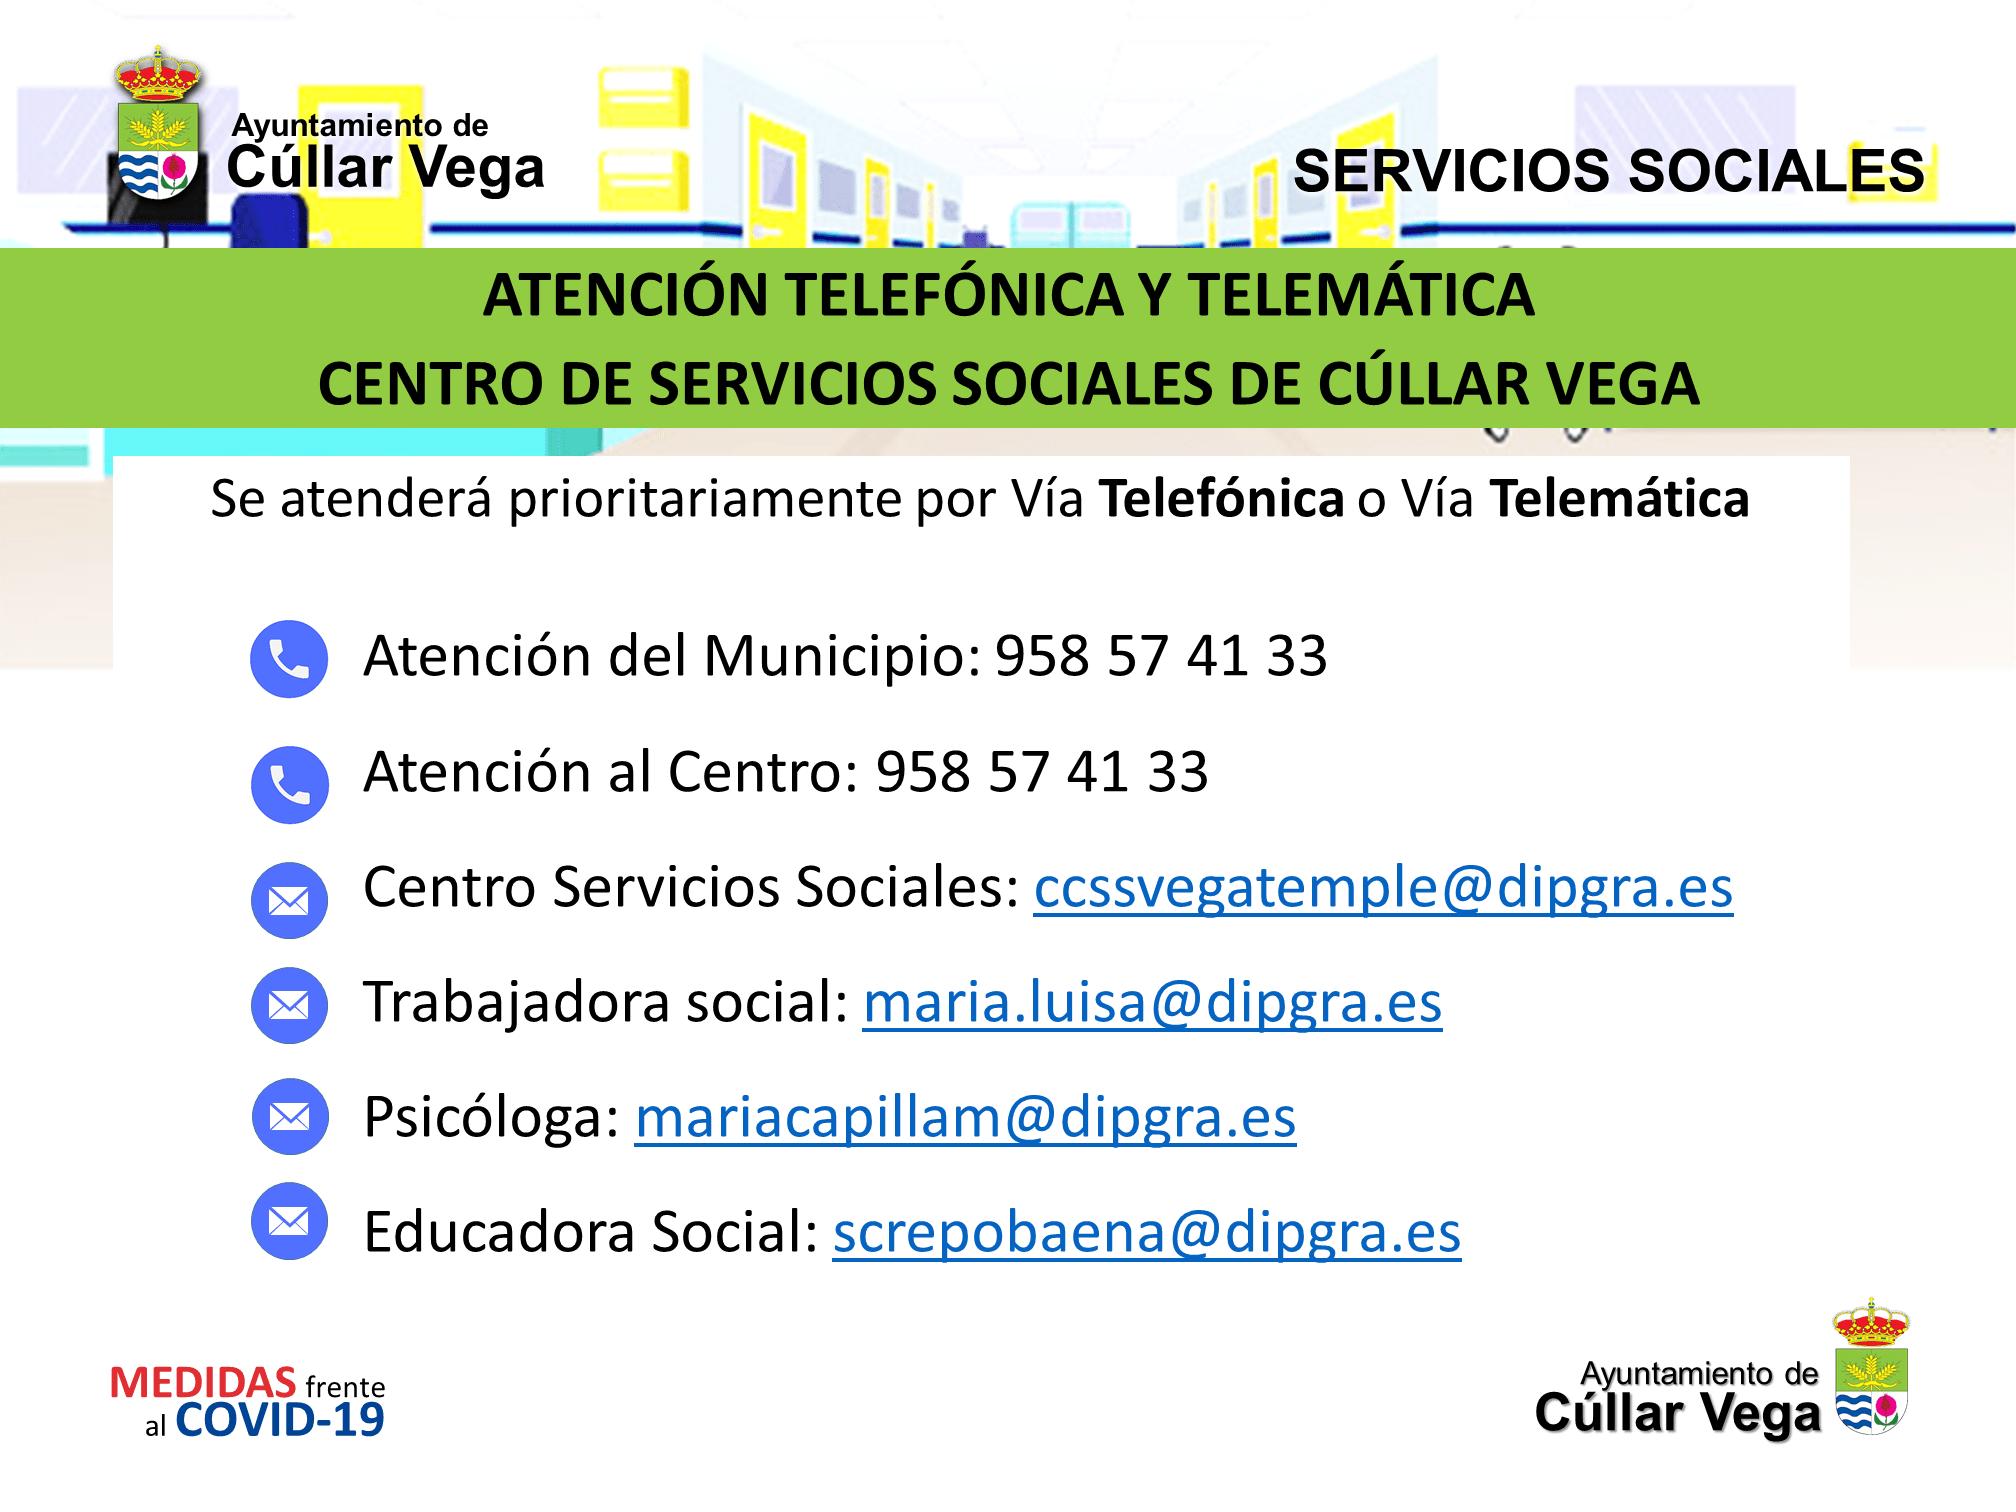 Atención telefónica y telemática del Centro de Servicios Sociales de Cúllar Vega